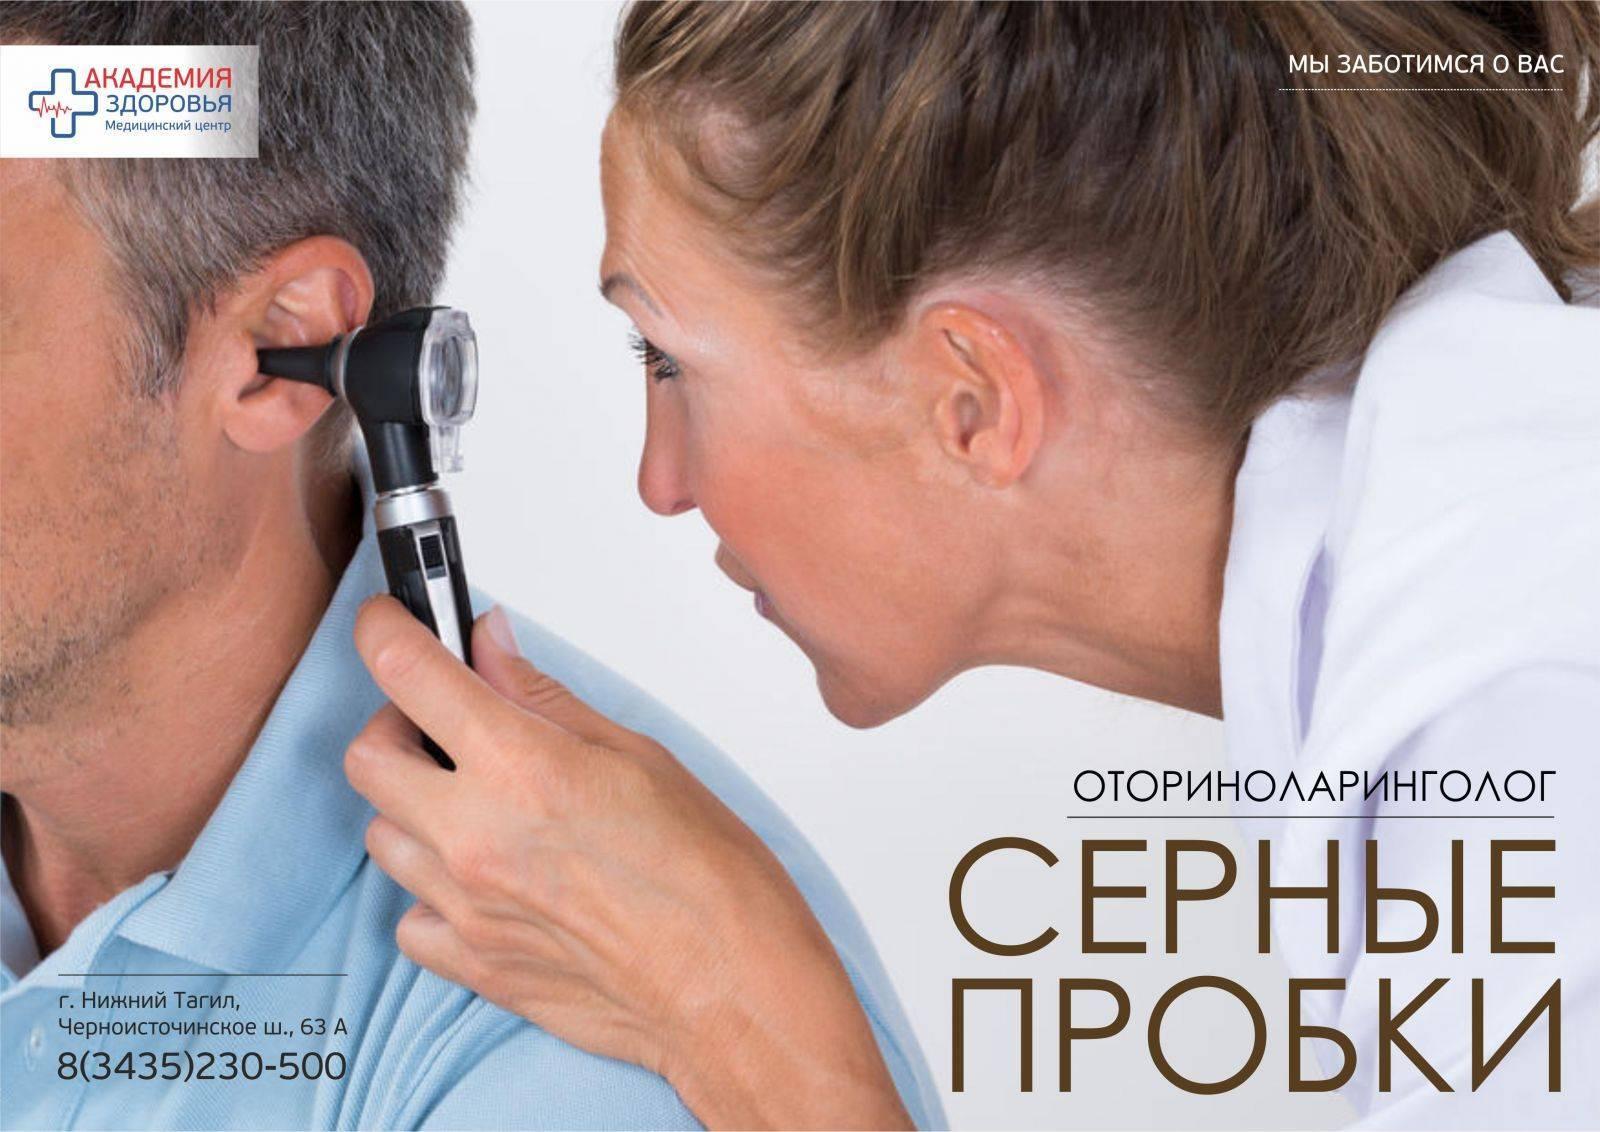 Серная пробка в ухе у ребенка (25 фото): как выглядит пробка в ухе и как вытащить ее в домашних условиях, почистить ухо и удалить ее самостоятельно